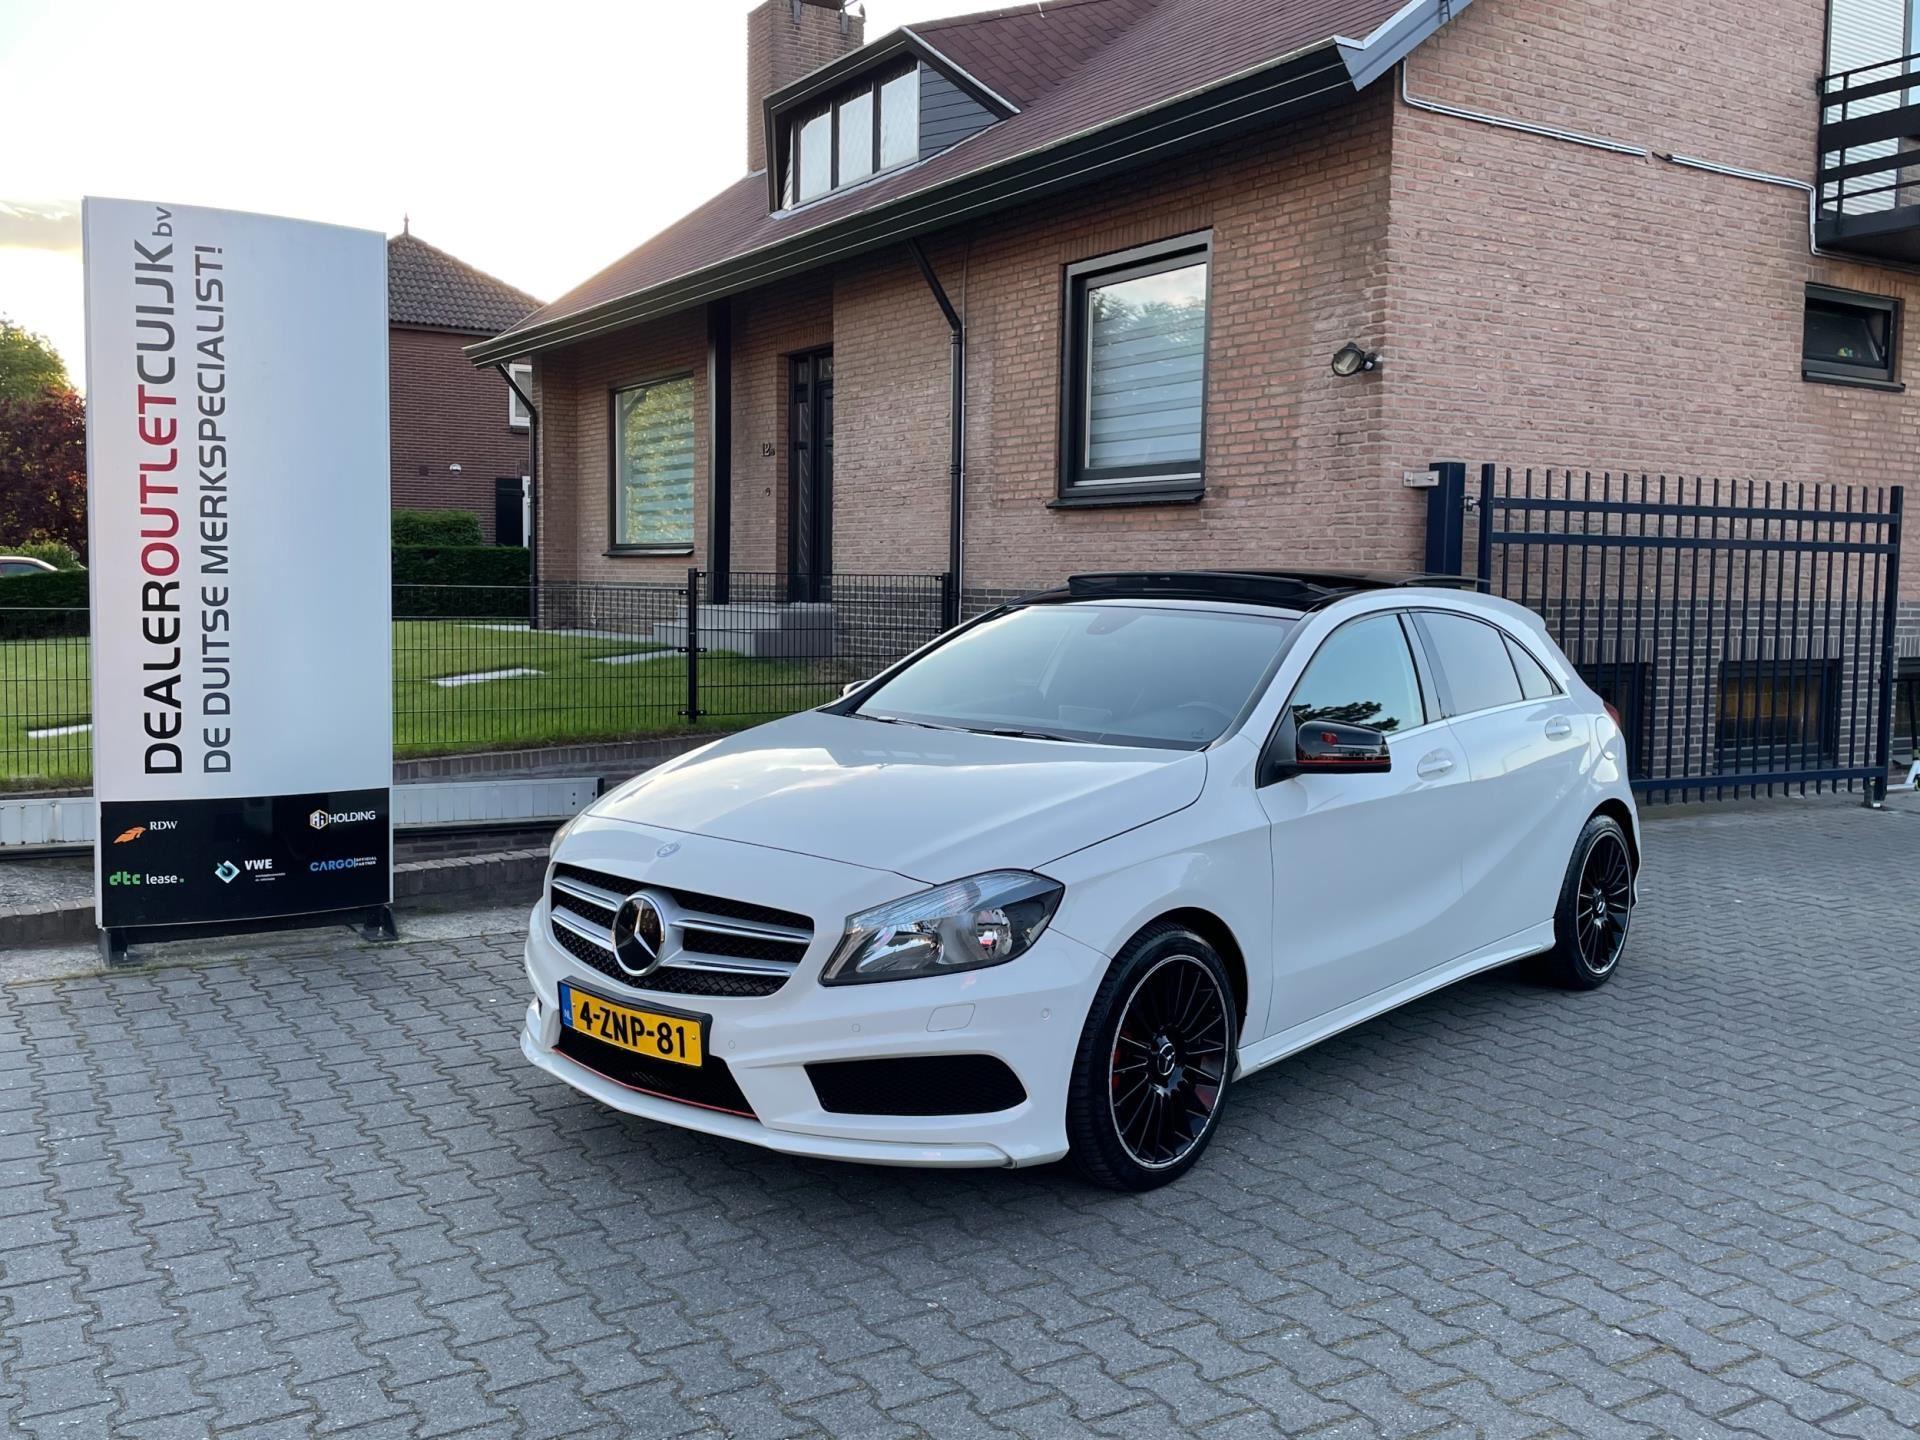 Mercedes-Benz A-klasse occasion - Dealer Outlet Cuijk b.v.